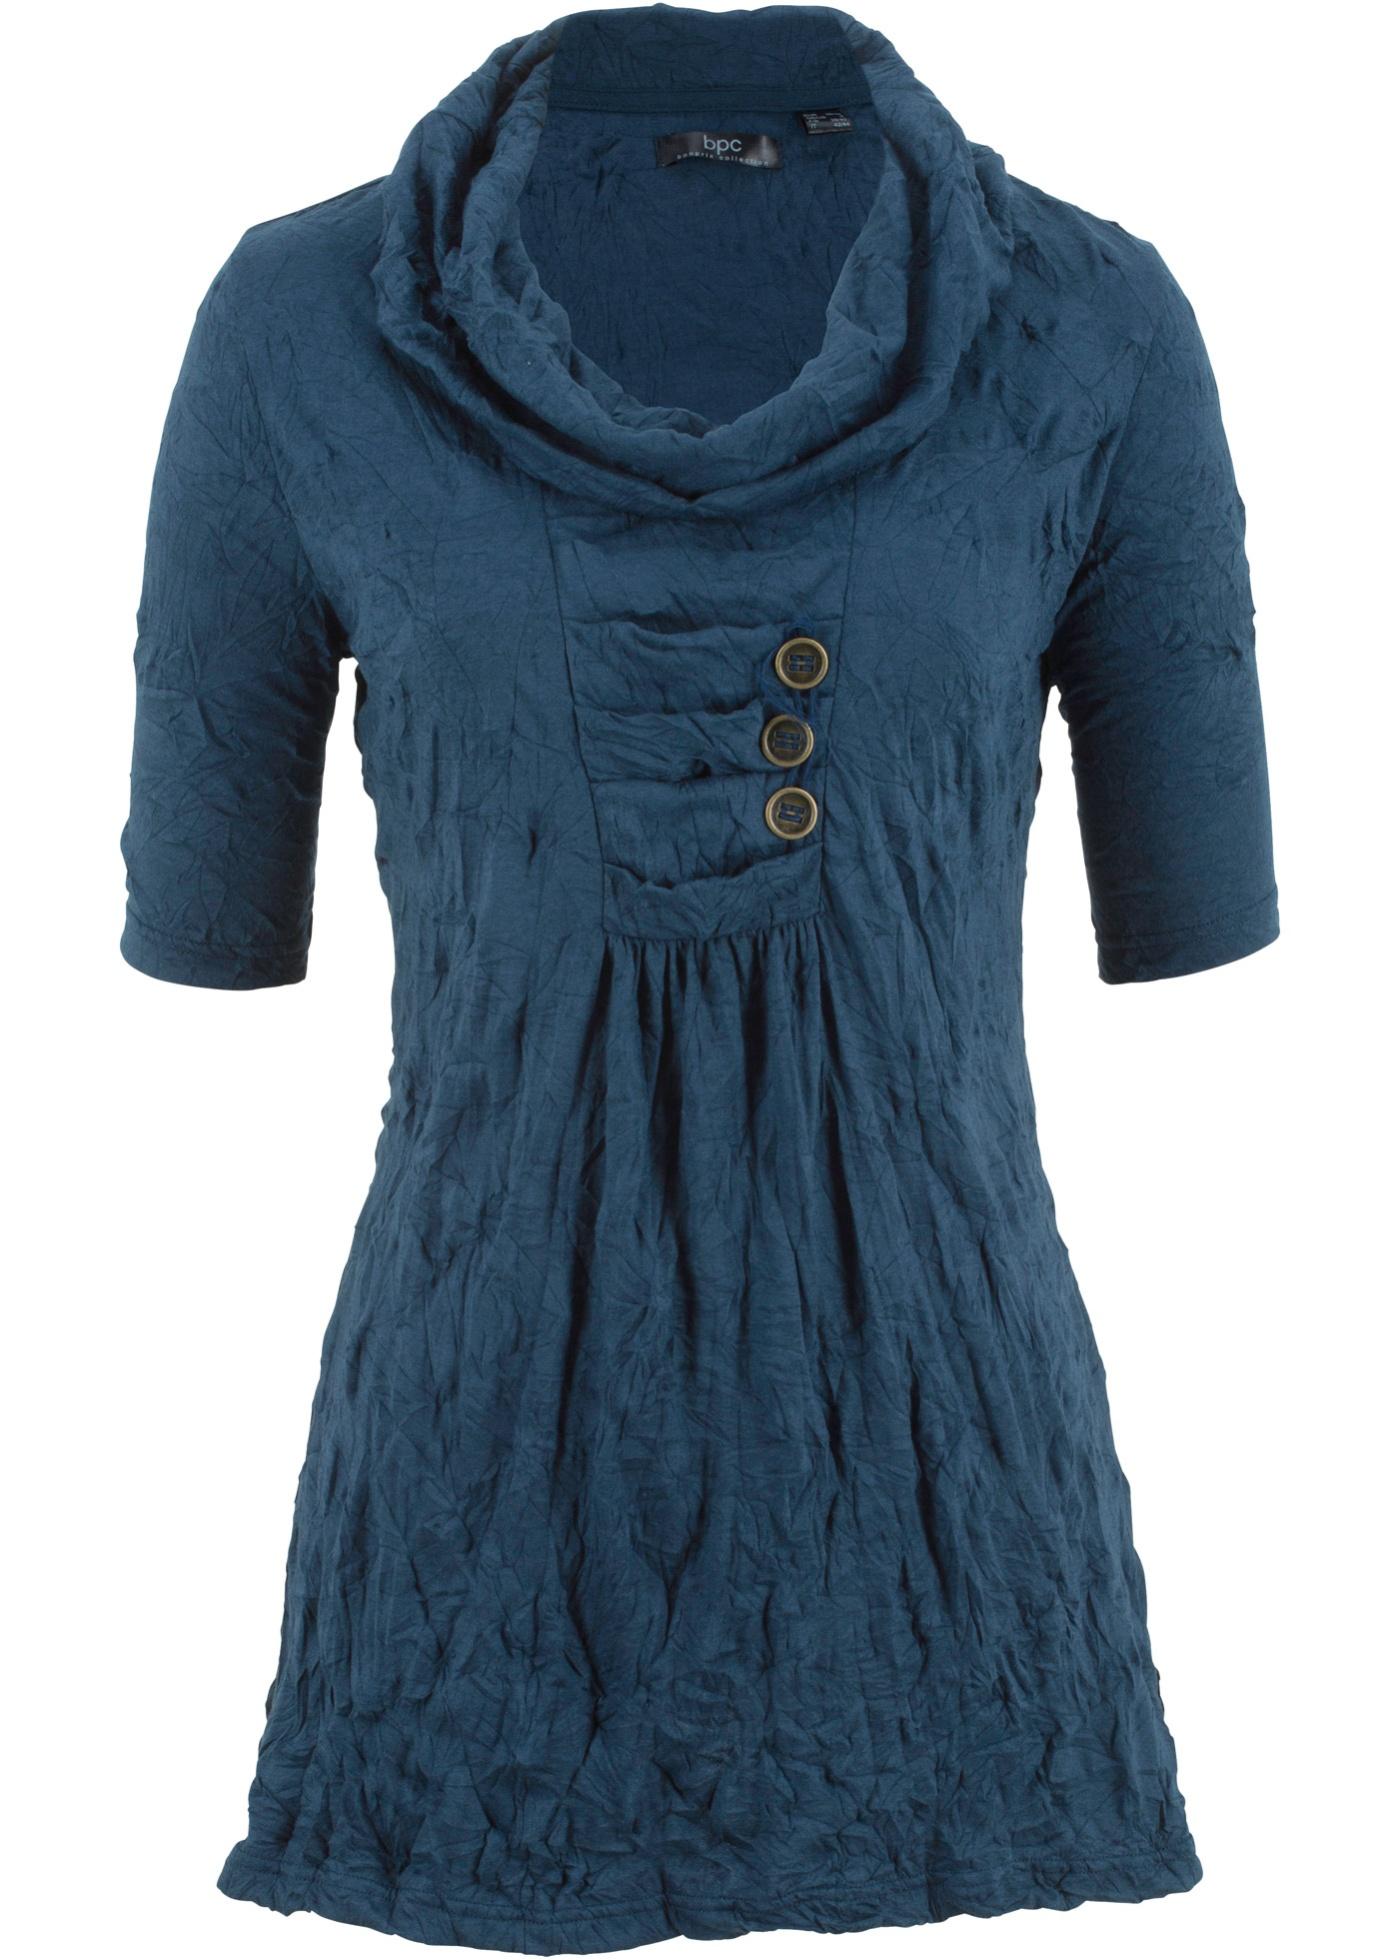 Froissée Bonprix Manches Pour CollectionTunique 1 Bpc Bleu 2 Femme 3AR4L5jq